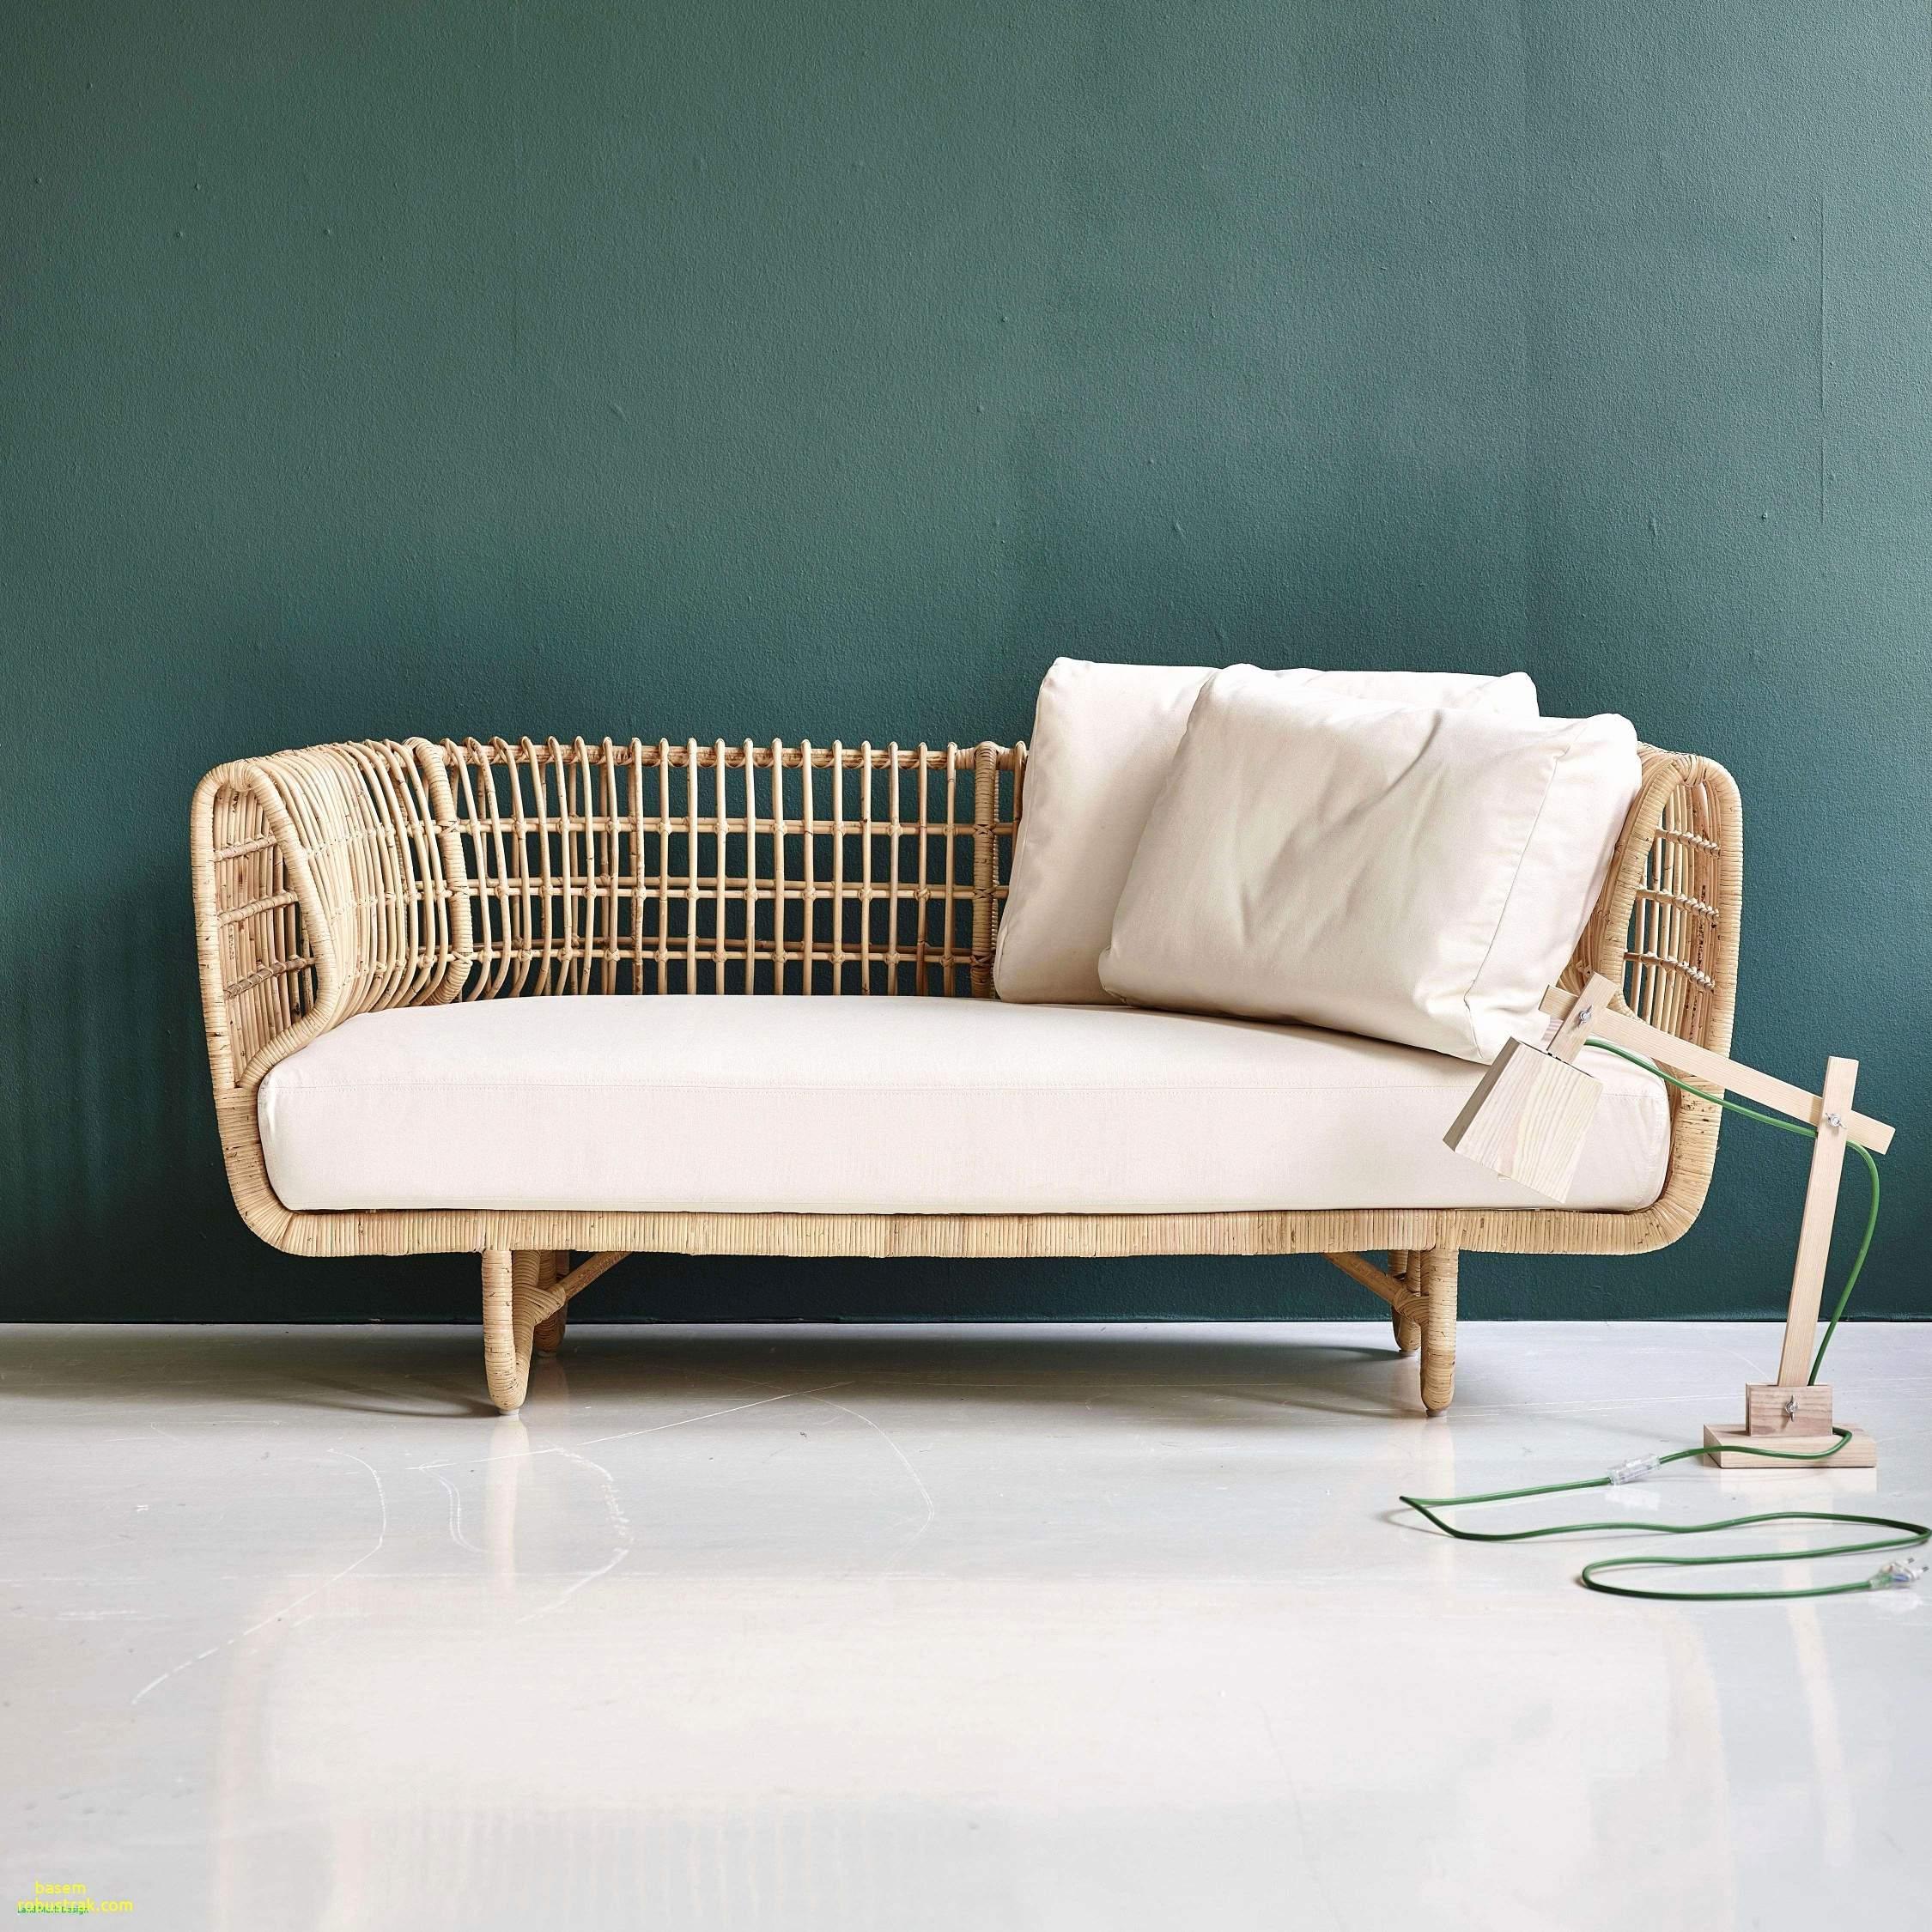 Kot Im Garten Von Welchem Tier Einzigartig 35 Luxus Couch Garten Einzigartig